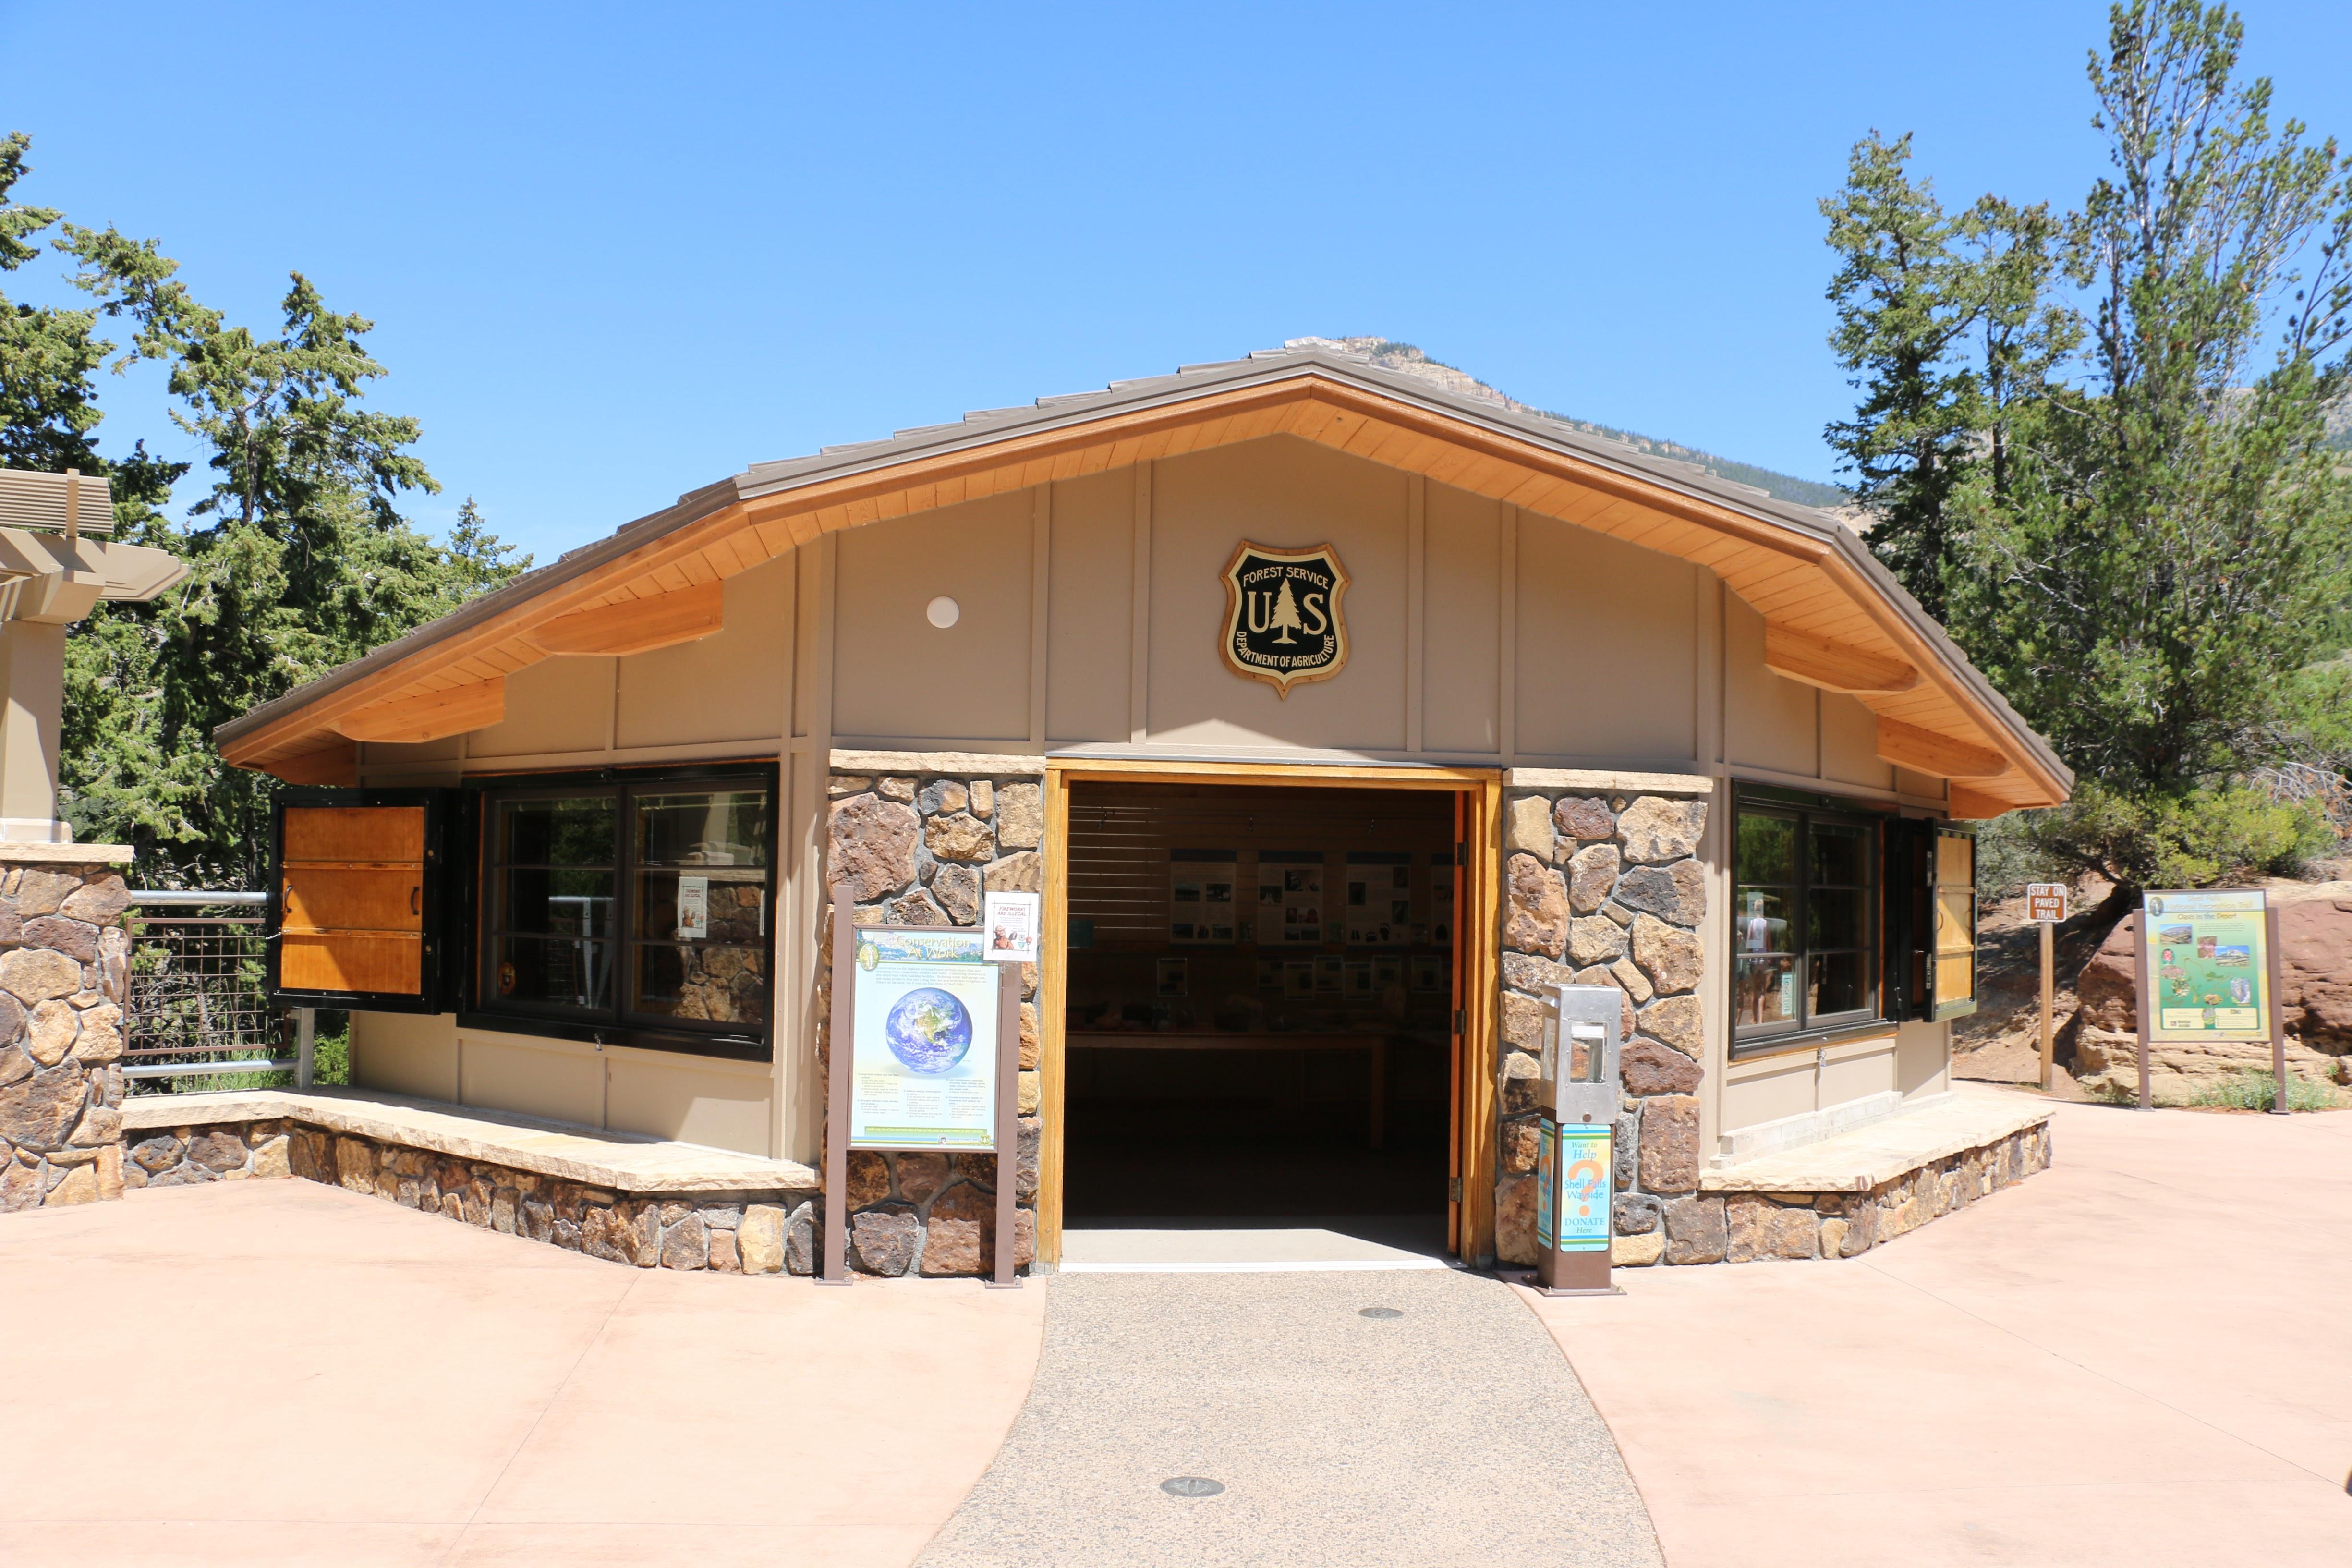 Shell Falls ranger station